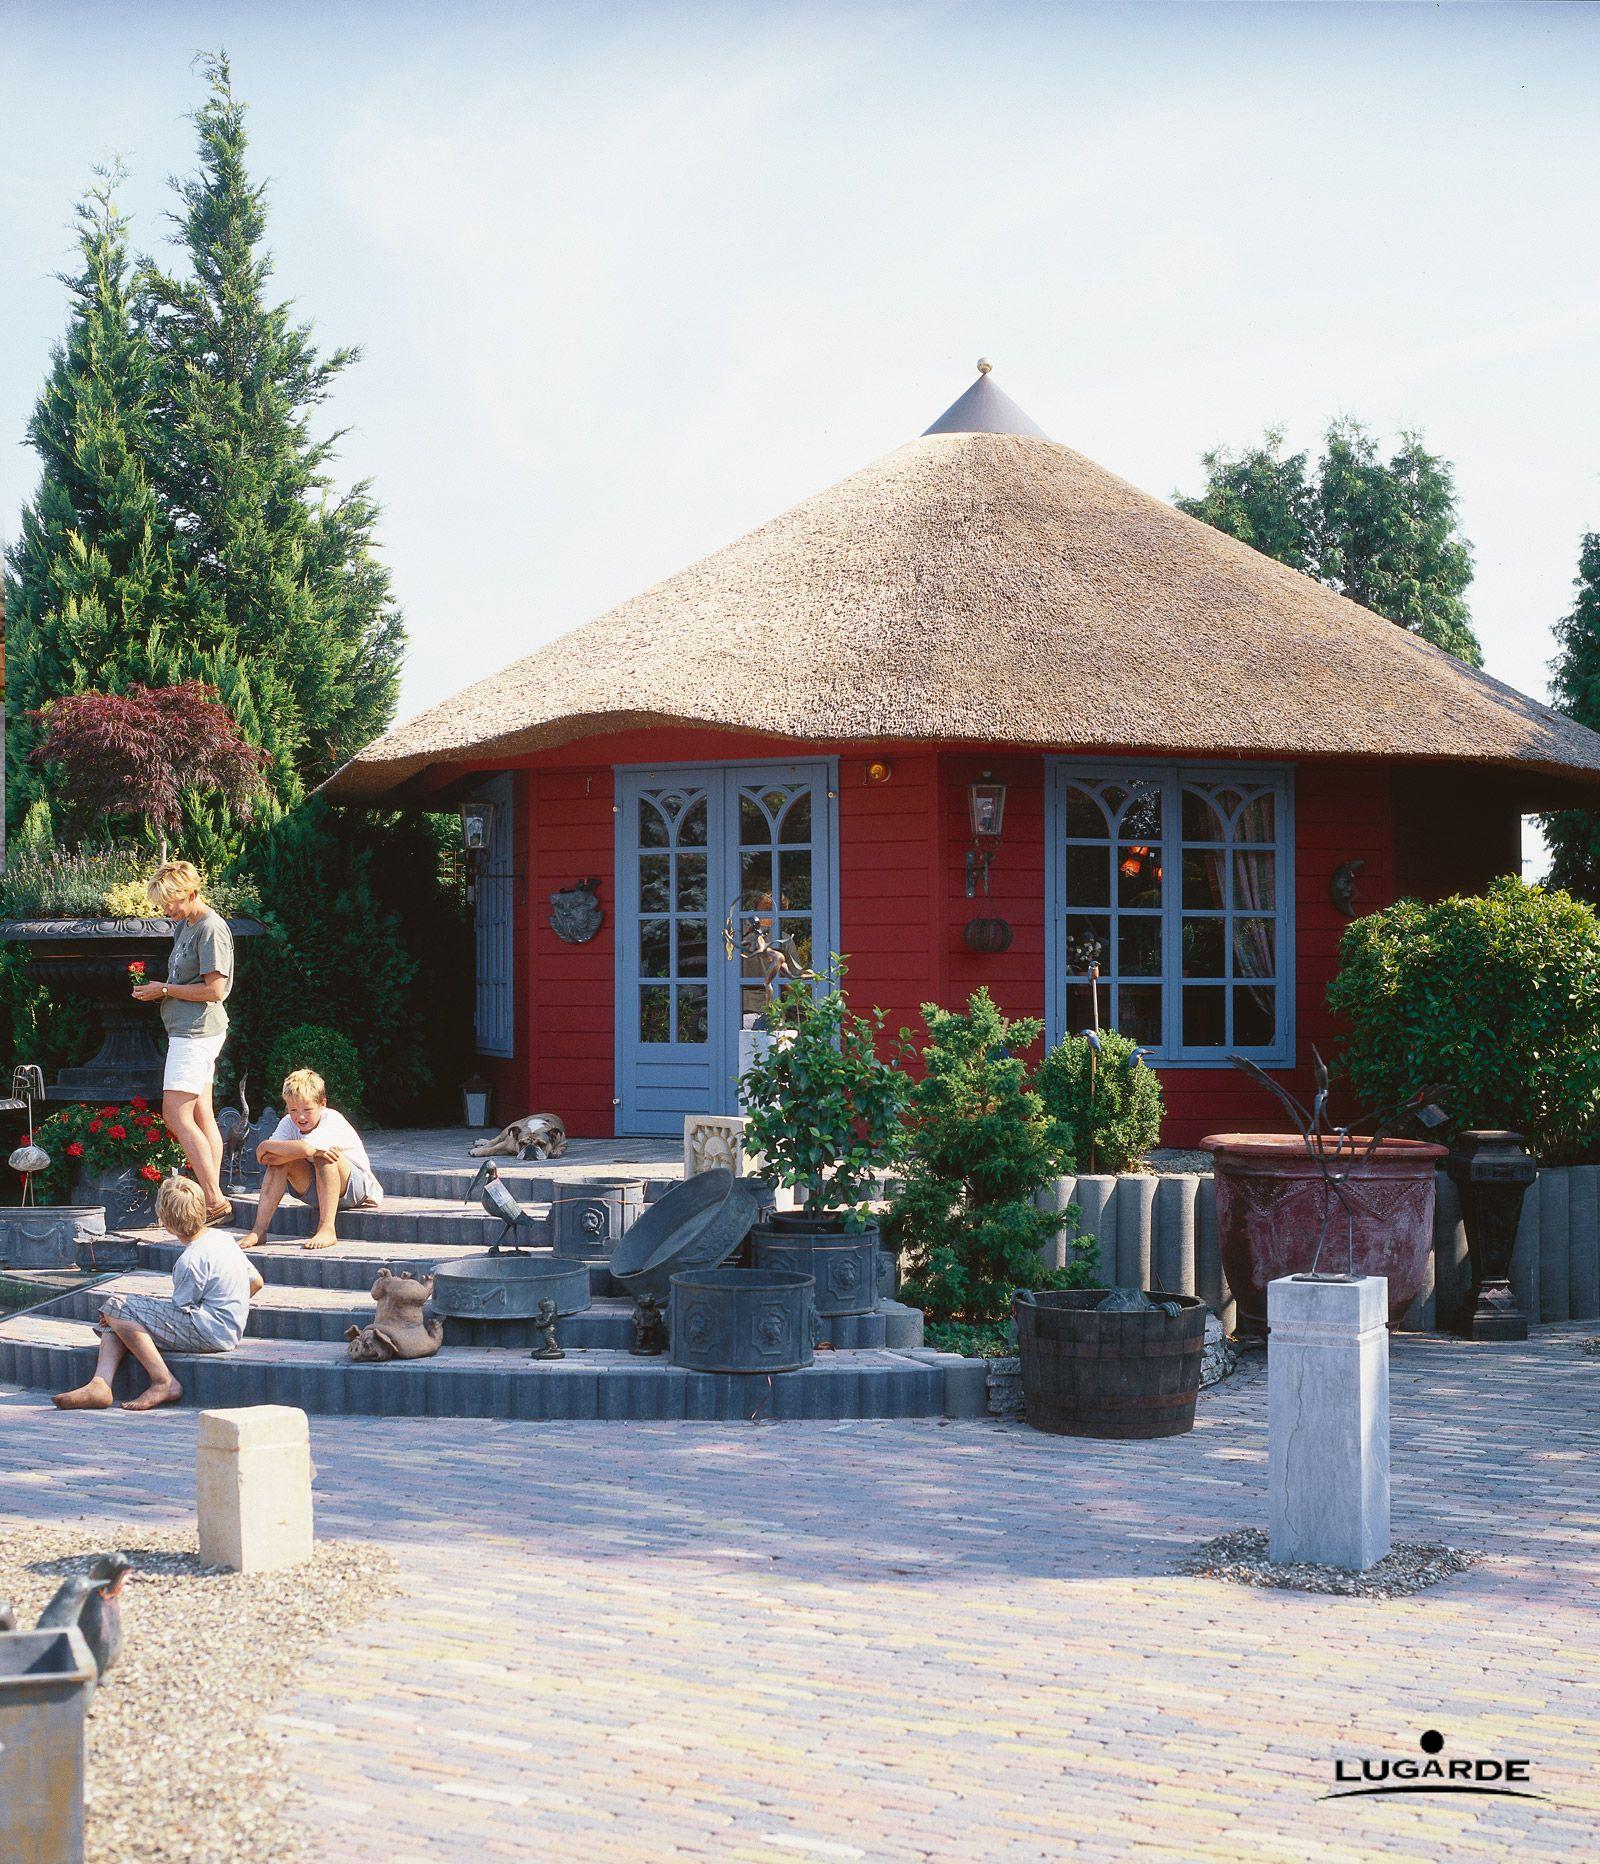 Atemberaubend Mobilheime Entwirft Häuser Ideen Bilder - Images for ...